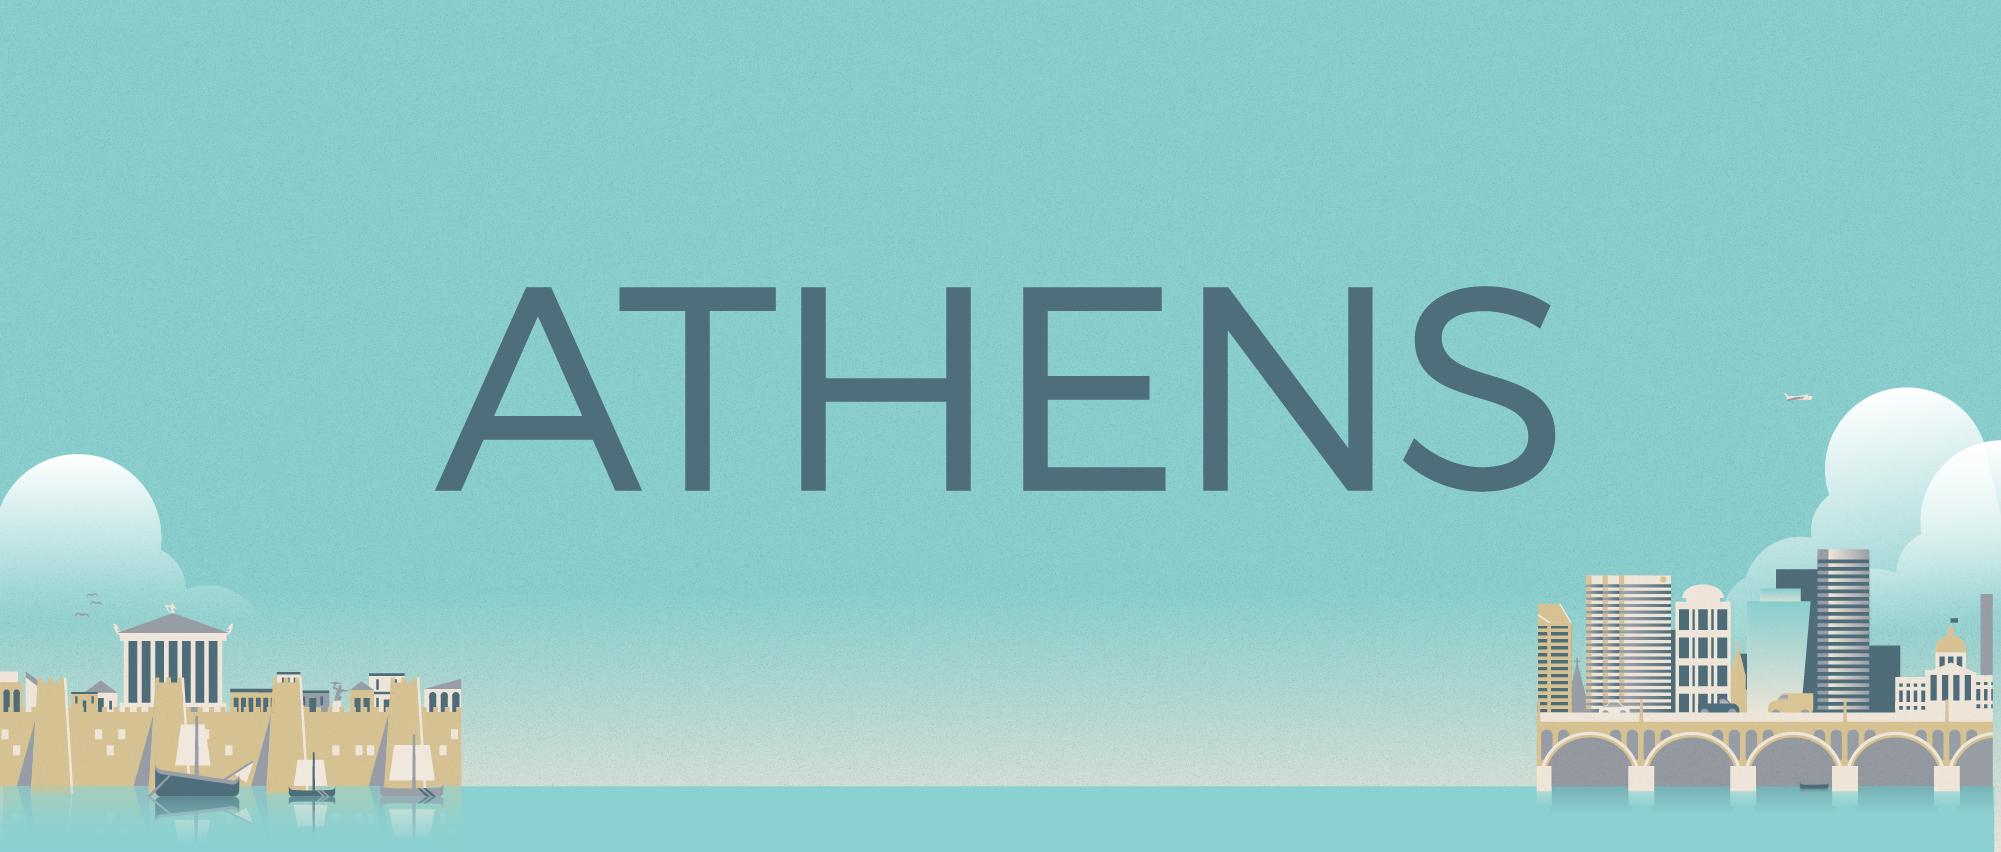 Athens-01.png